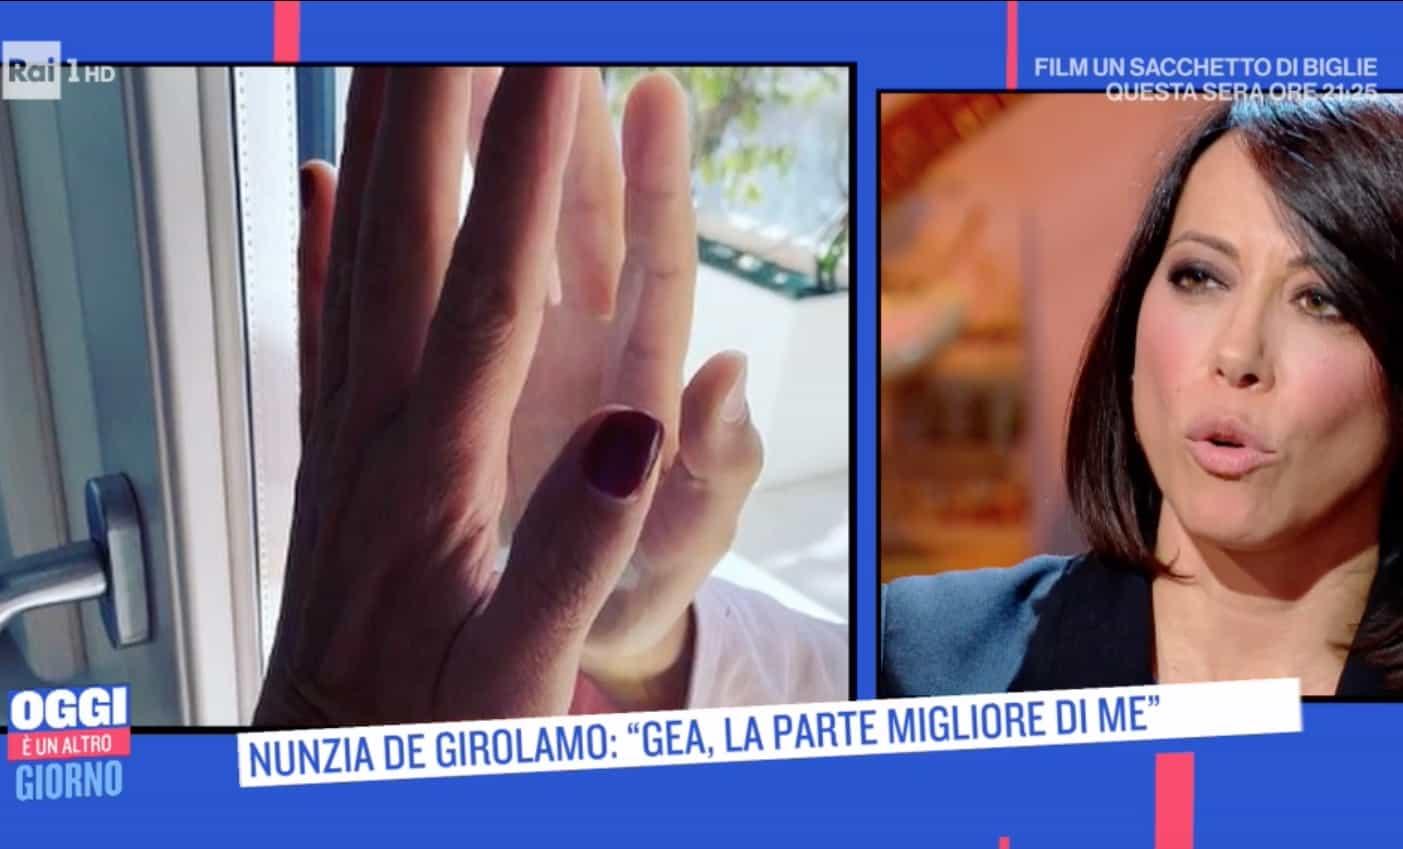 Nunzia De Girolamo riceve il messaggio del marito, con Francesco Boccia un colpo di fulmine (Foto)